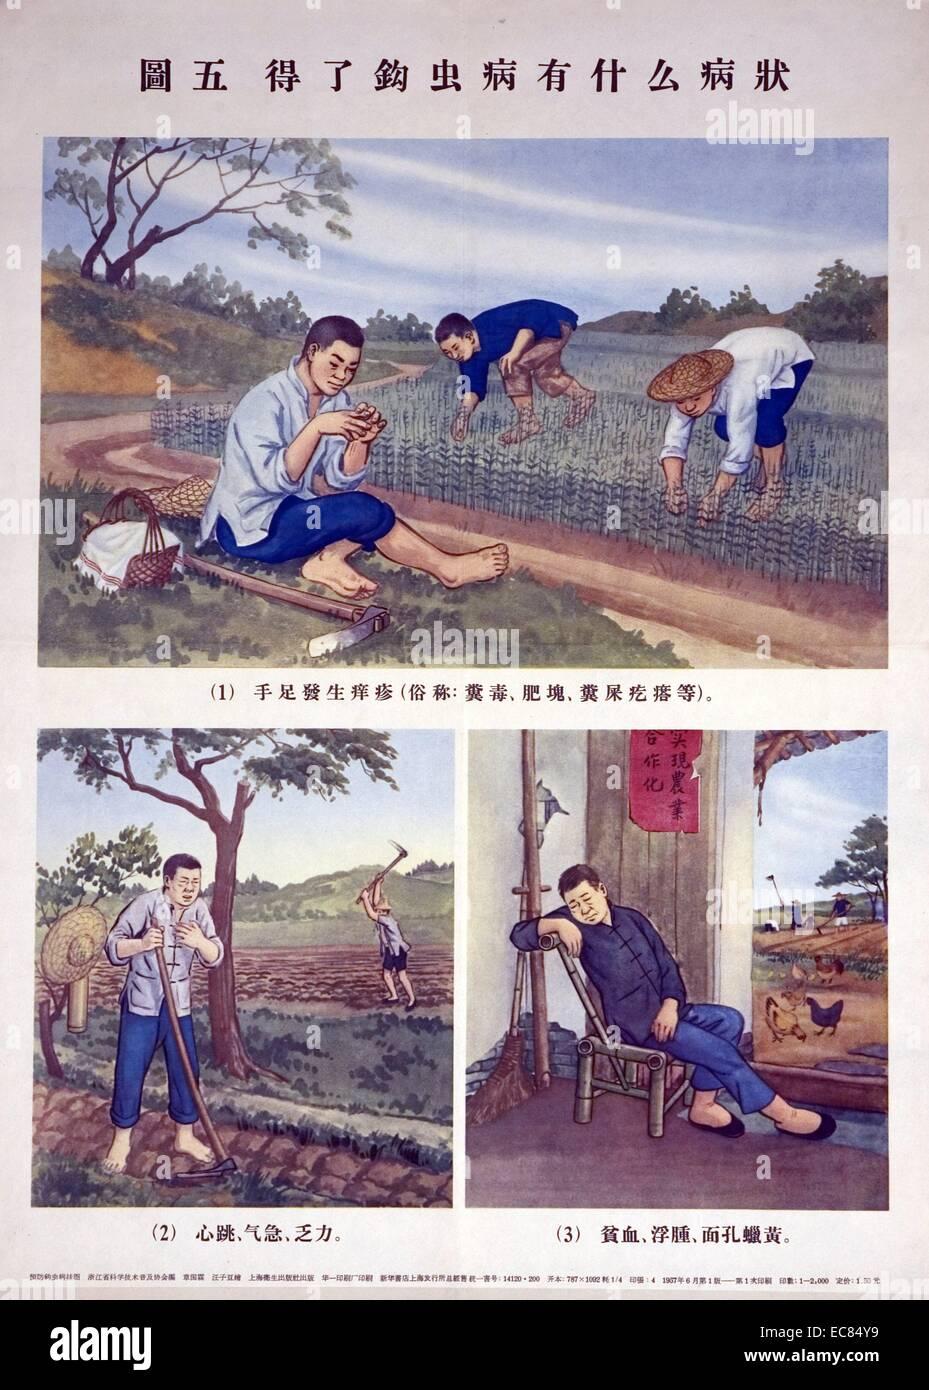 L'affiche chinoise montre trois images différentes, l'sont conçues pour accroître la sensibilisation de l'ankylostomiase Banque D'Images